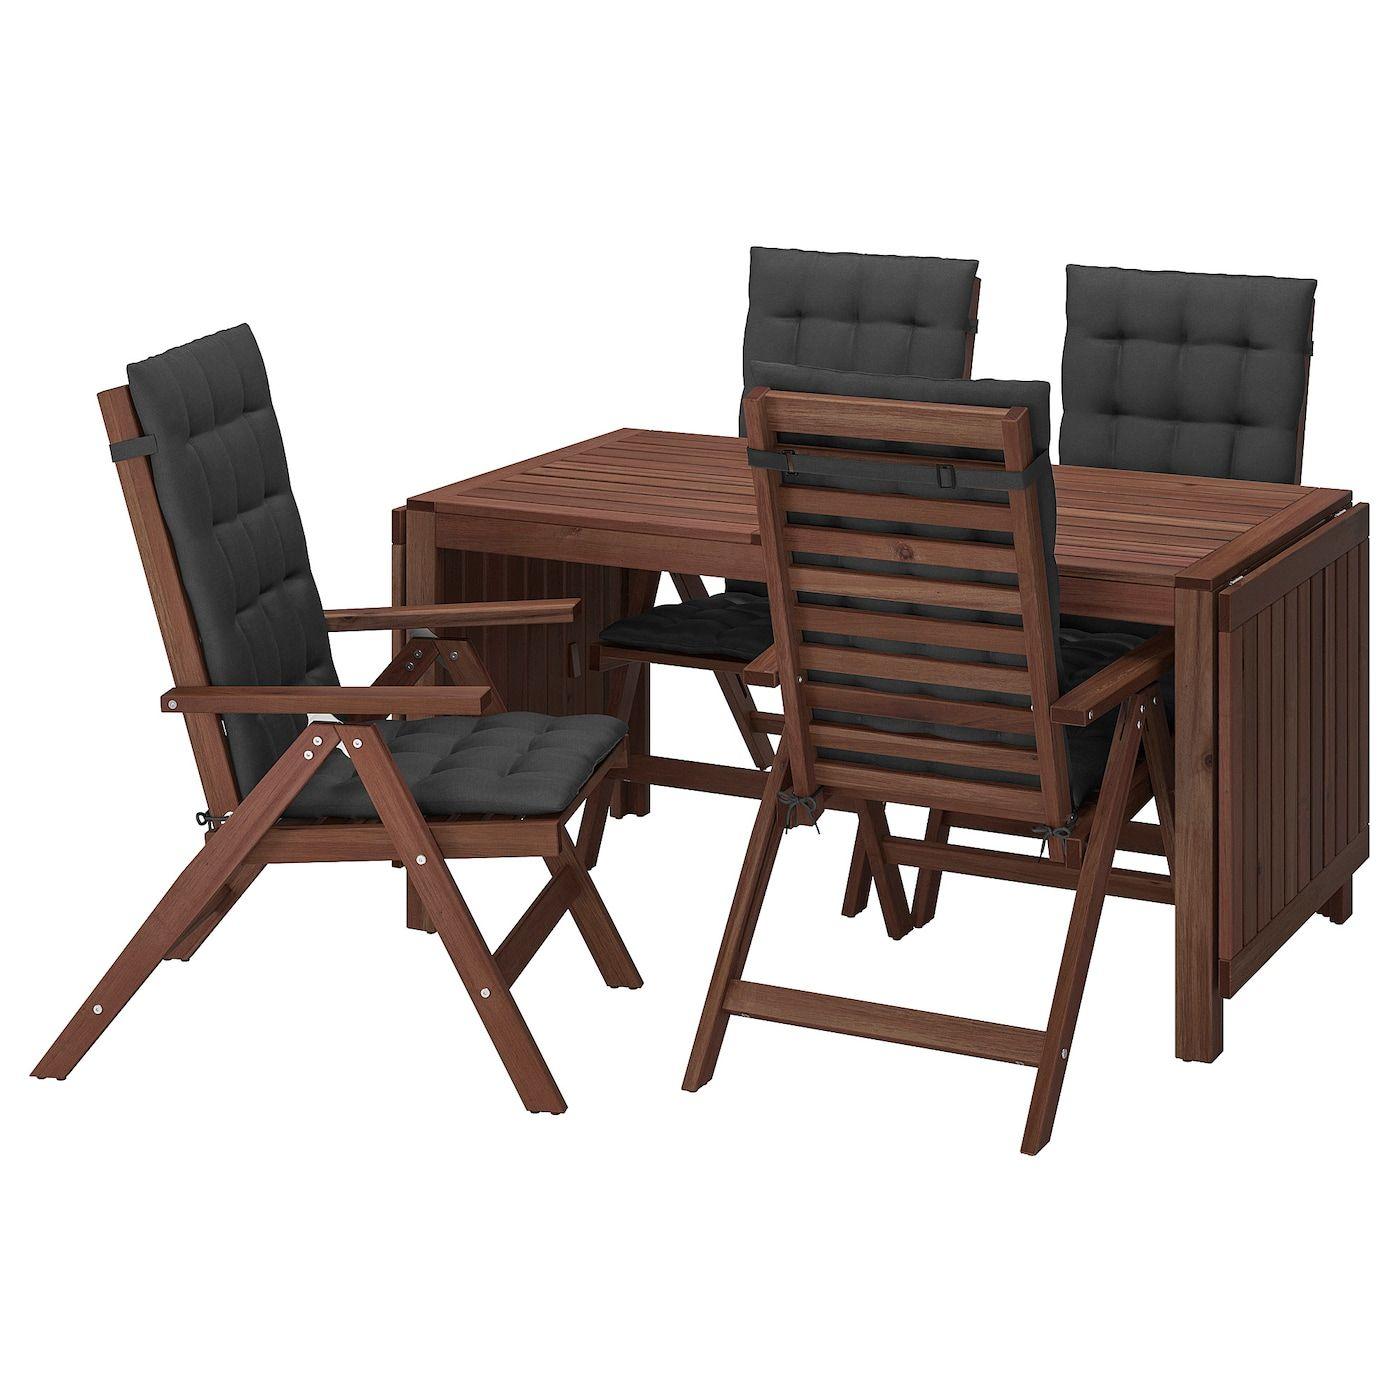 Ikea Eettafel 4 Stoelen.Applaro Tisch 4 Hochlehner Aussen Braun Las Hallo Schwarz